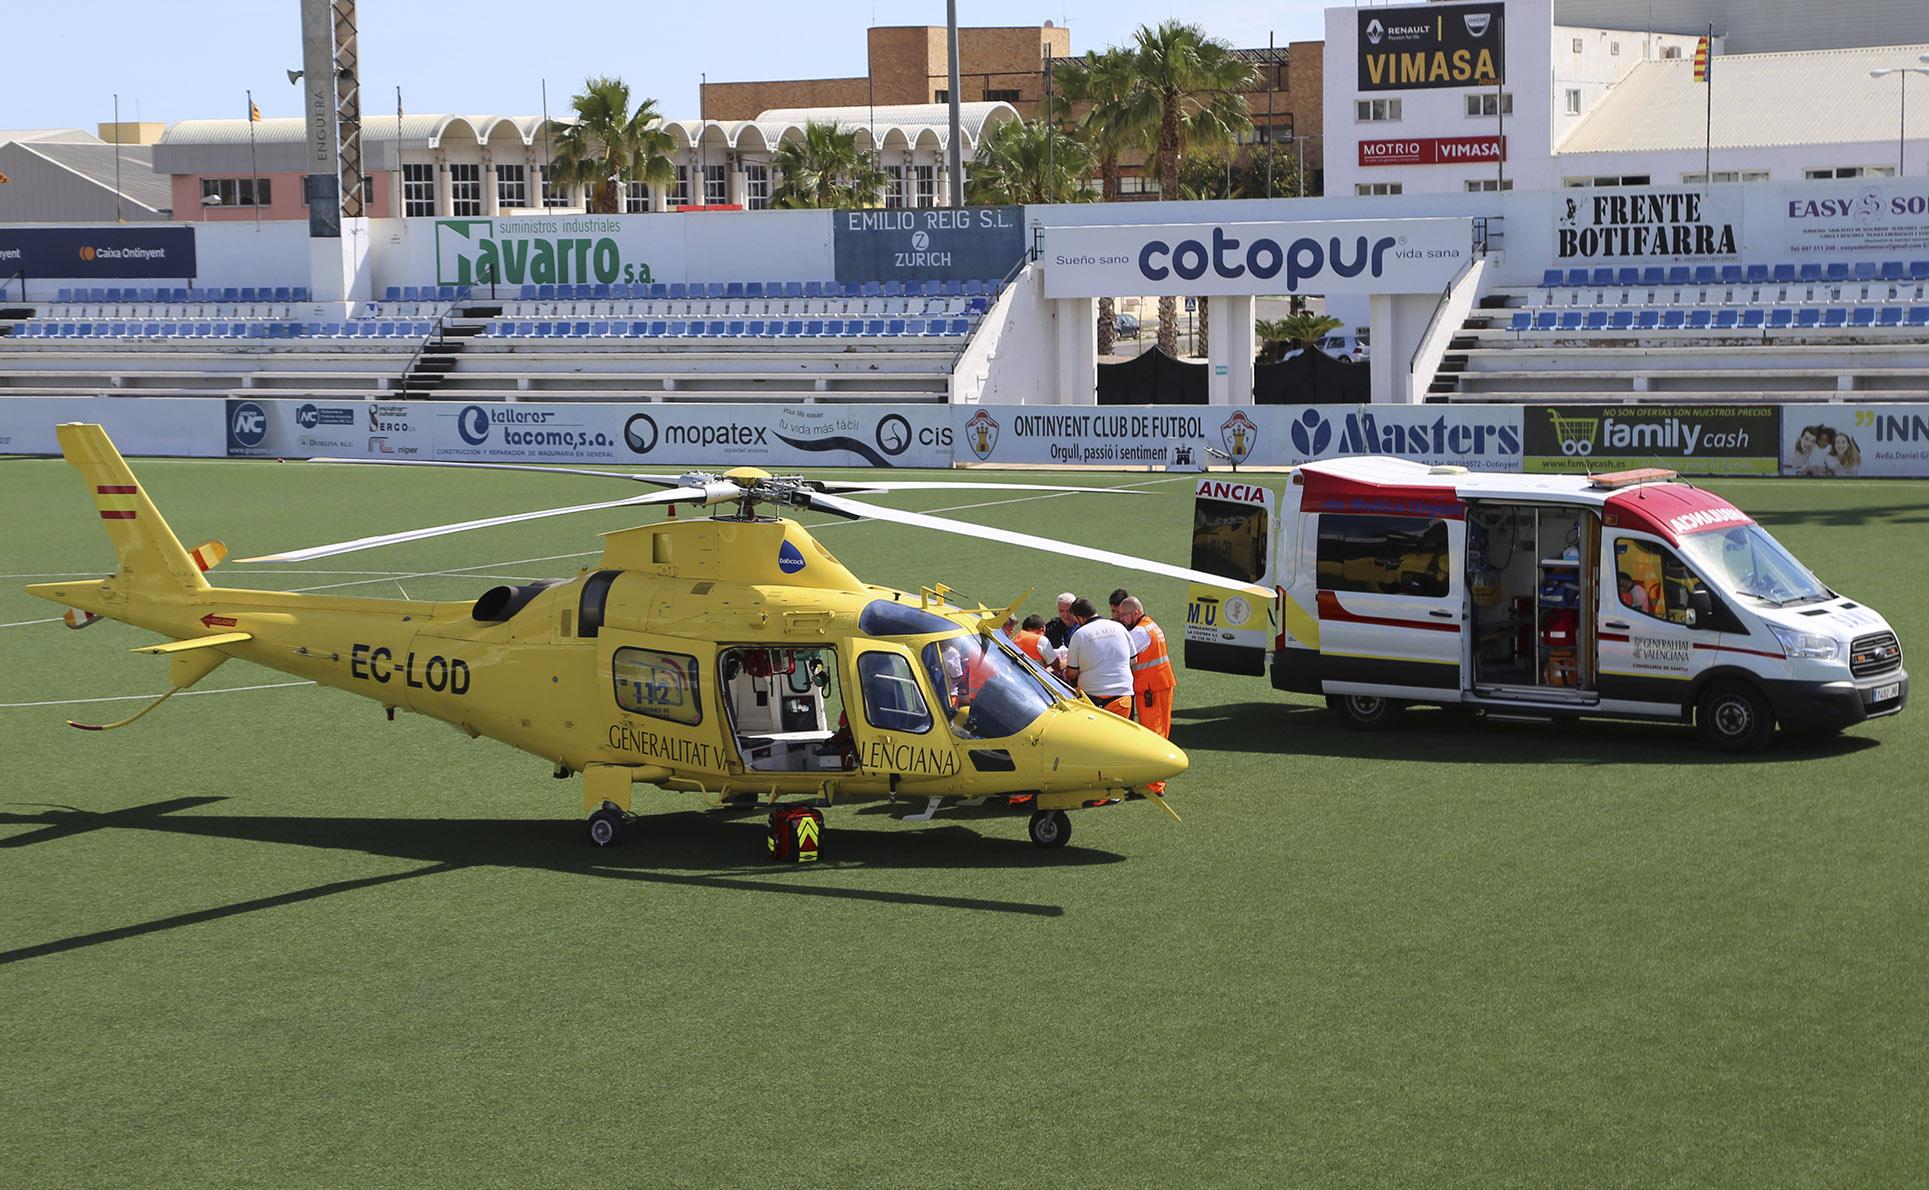 Traslladen d'urgència en helicòpter a un home accidentat El Periòdic d'Ontinyent - Noticies a Ontinyent